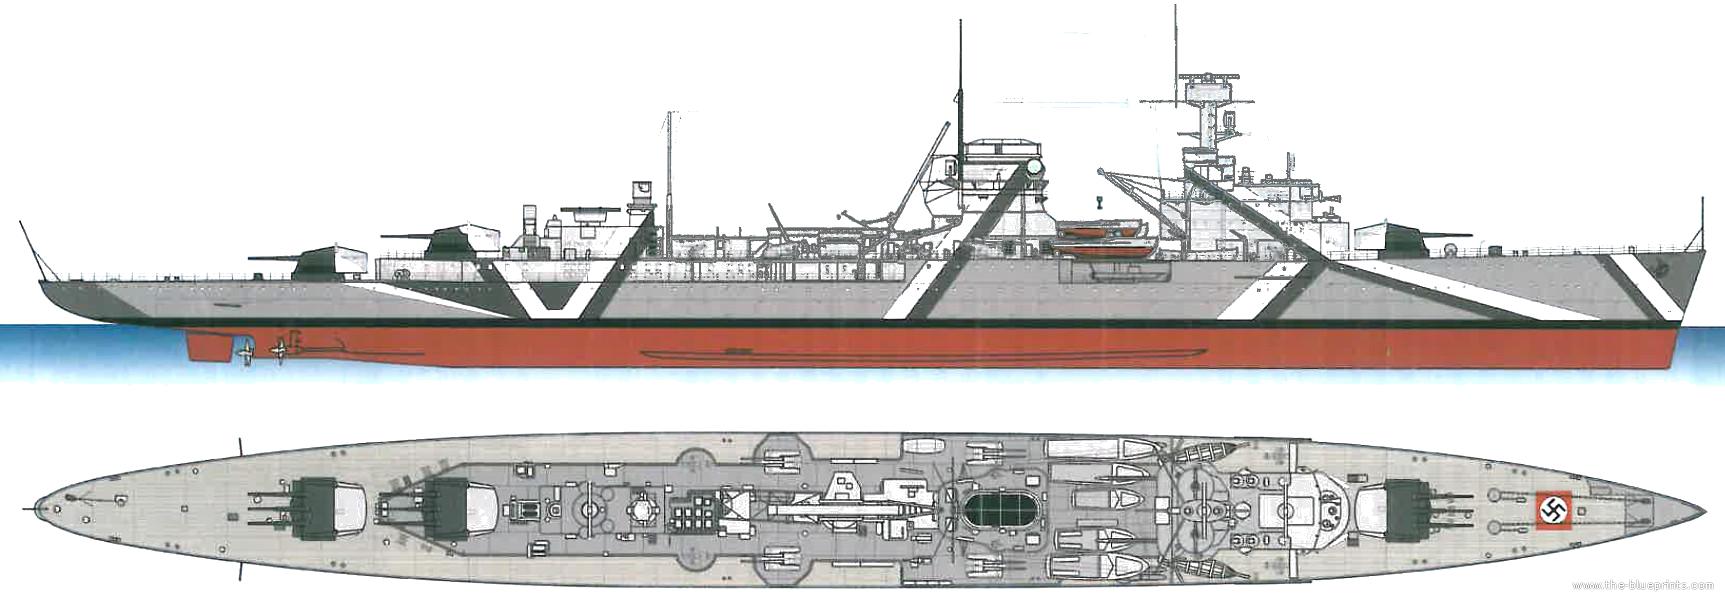 german light cruiser n rnberg kgn. Black Bedroom Furniture Sets. Home Design Ideas